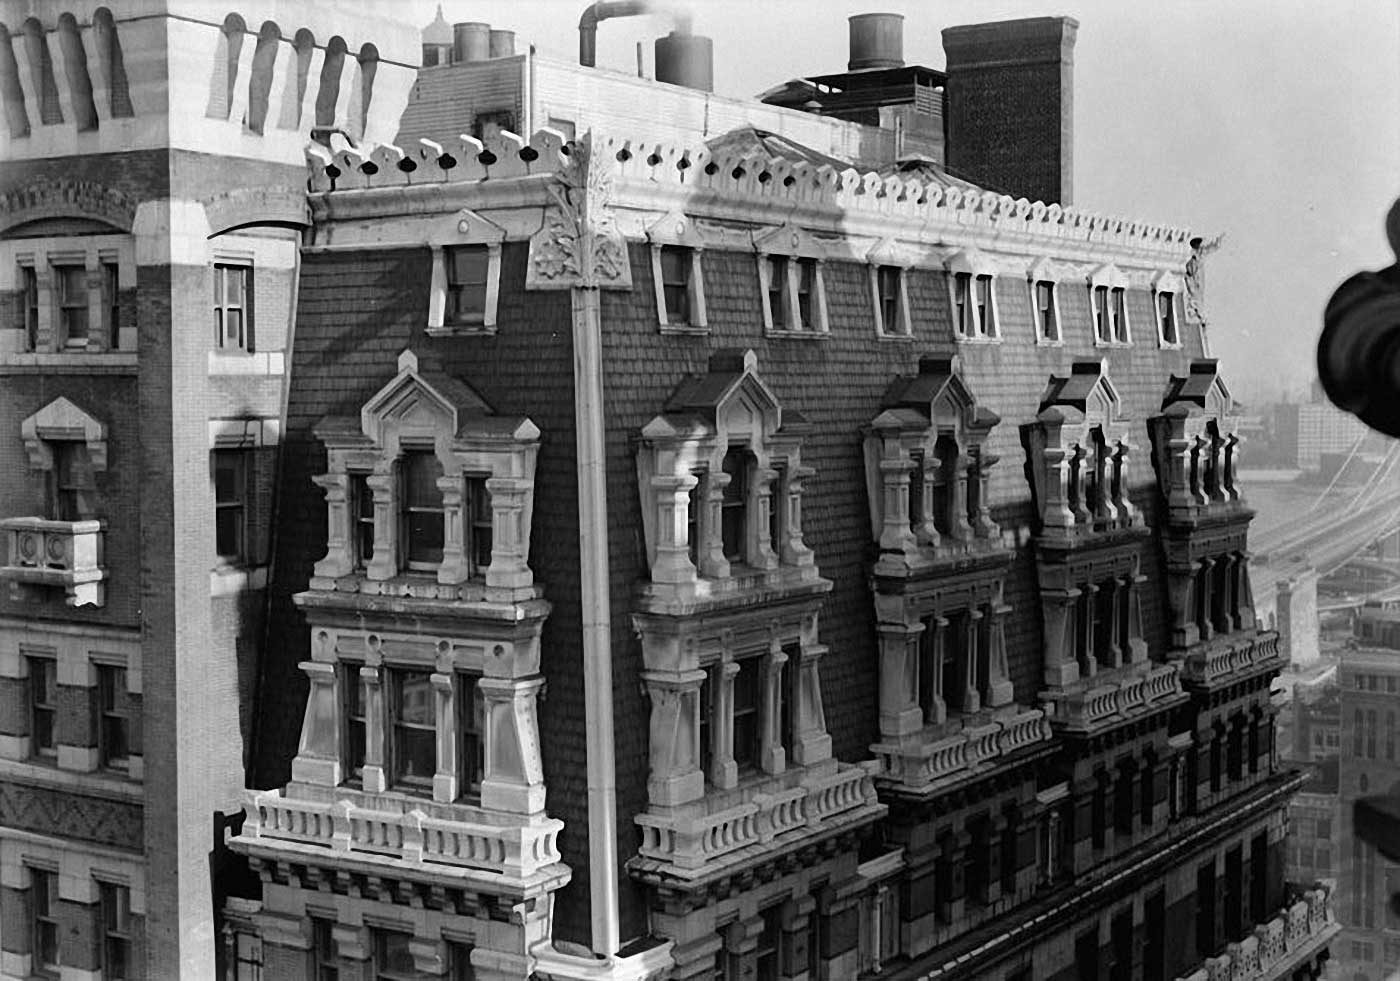 Tribune building new york city